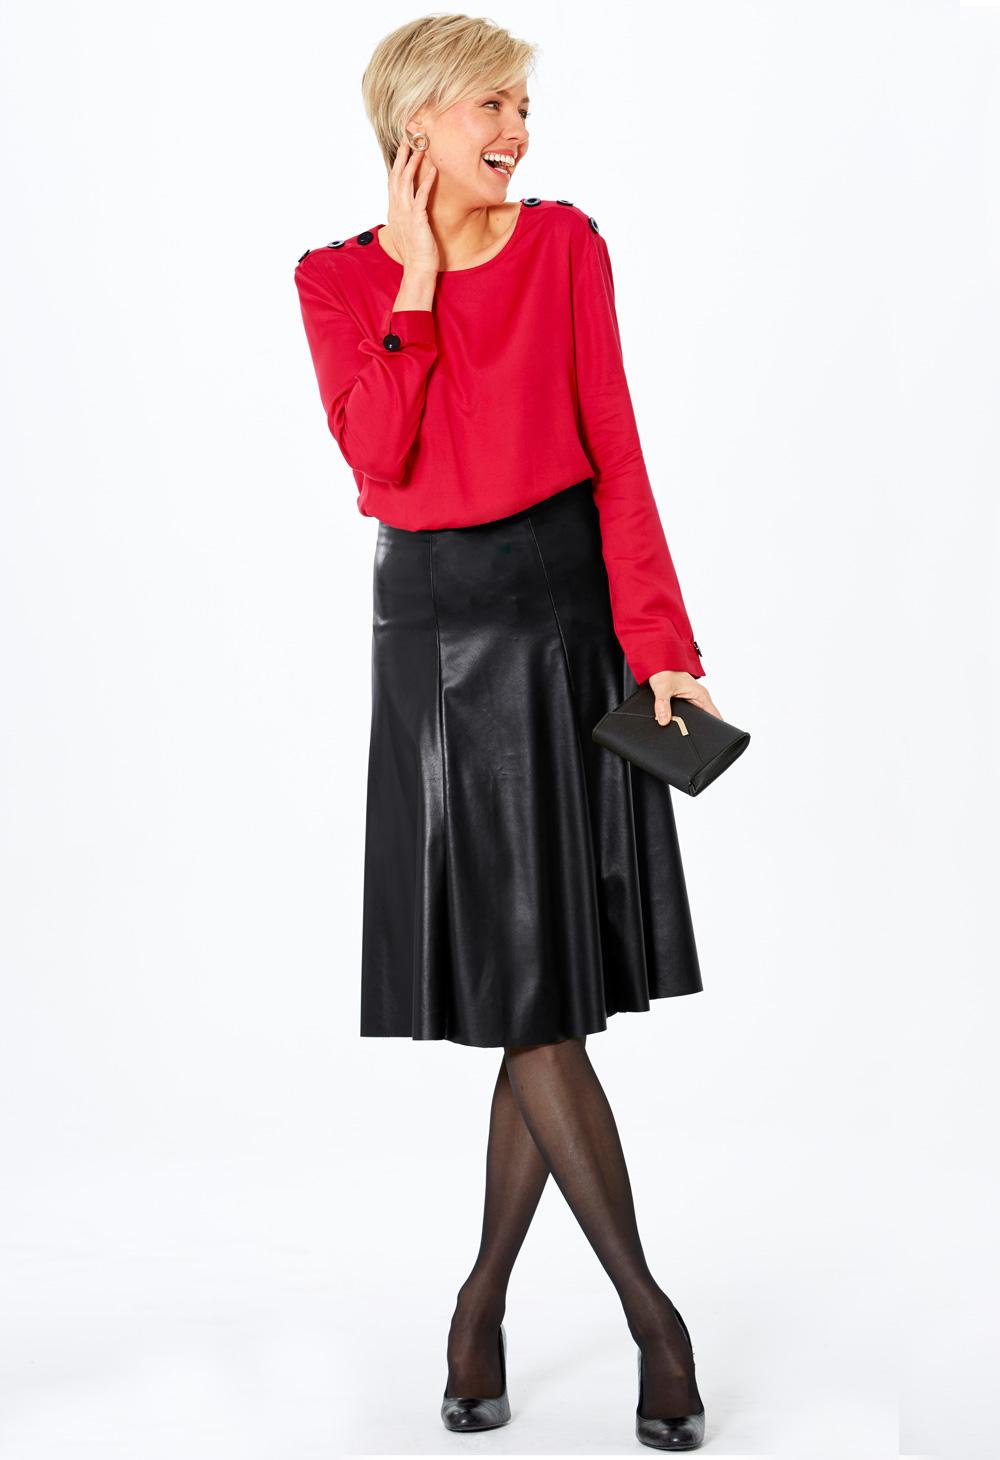 grand choix de ee940 10915 Jupe effet cuir et pull fantaisie, sublime en rouge et noir !